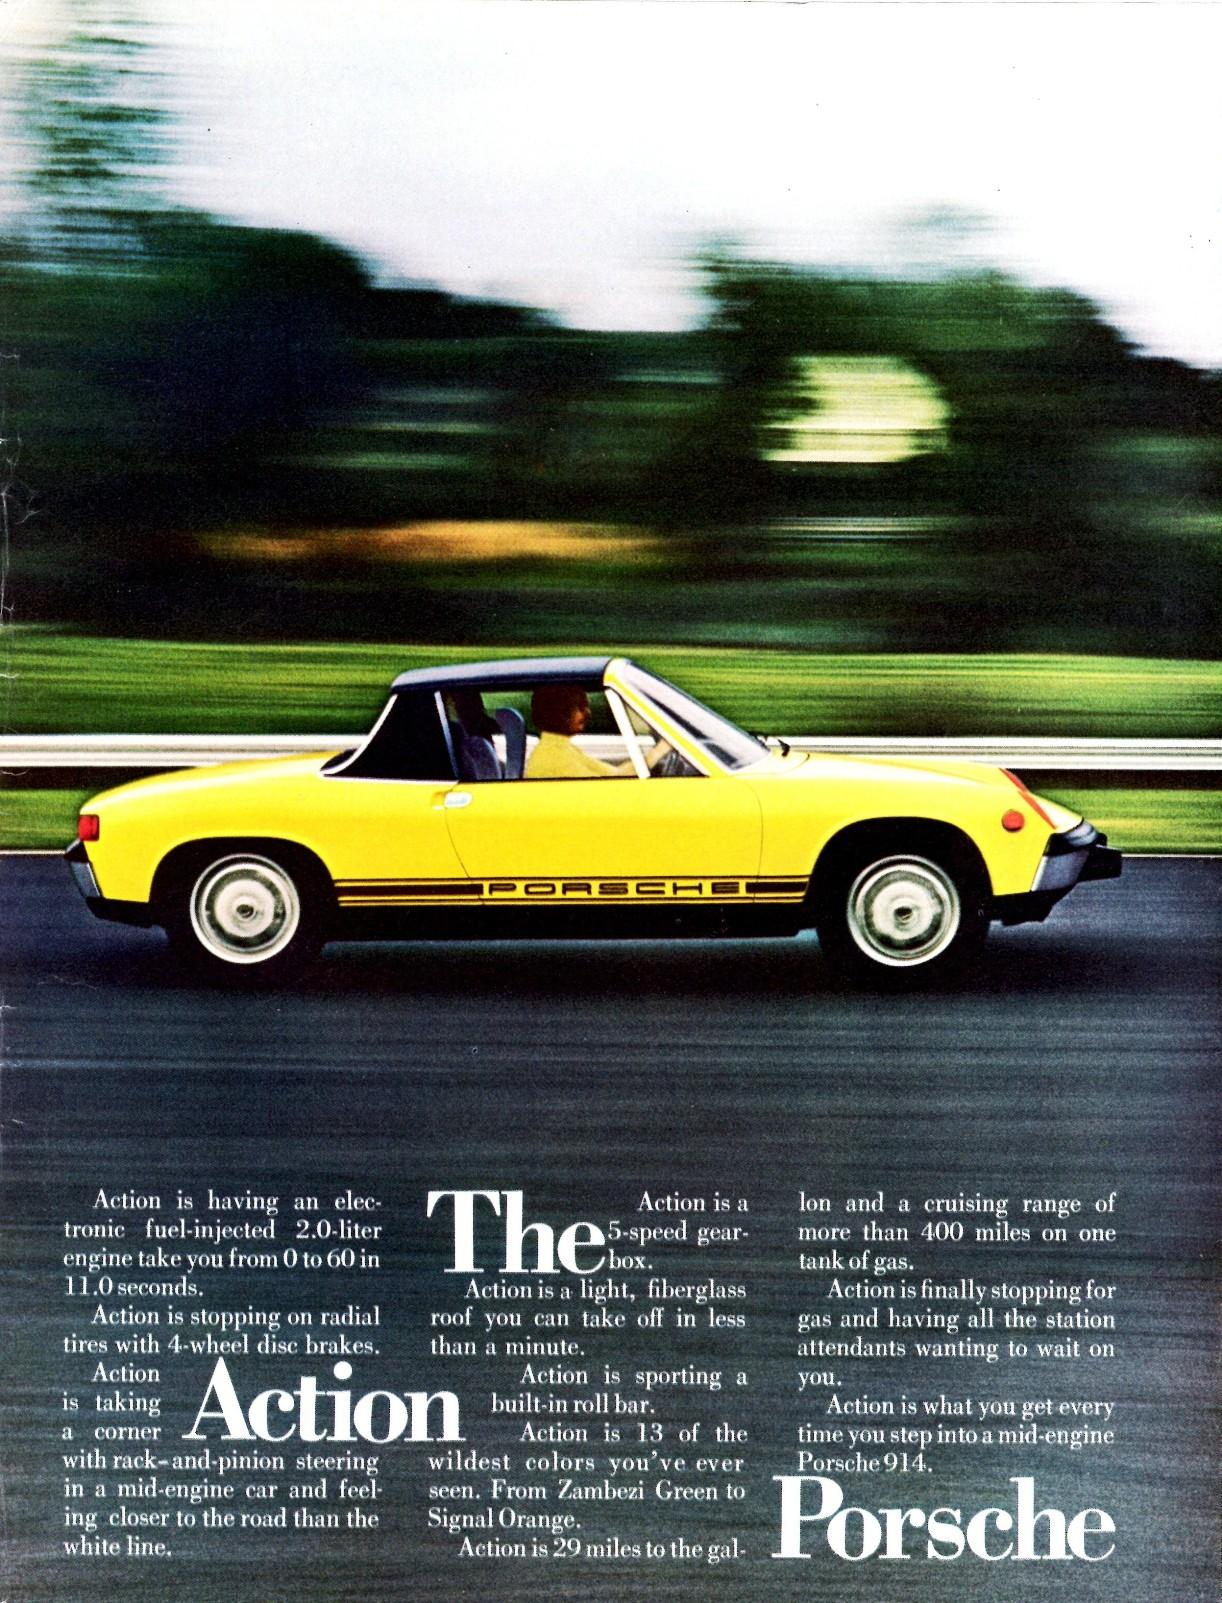 1974-Porsche-914.jpg